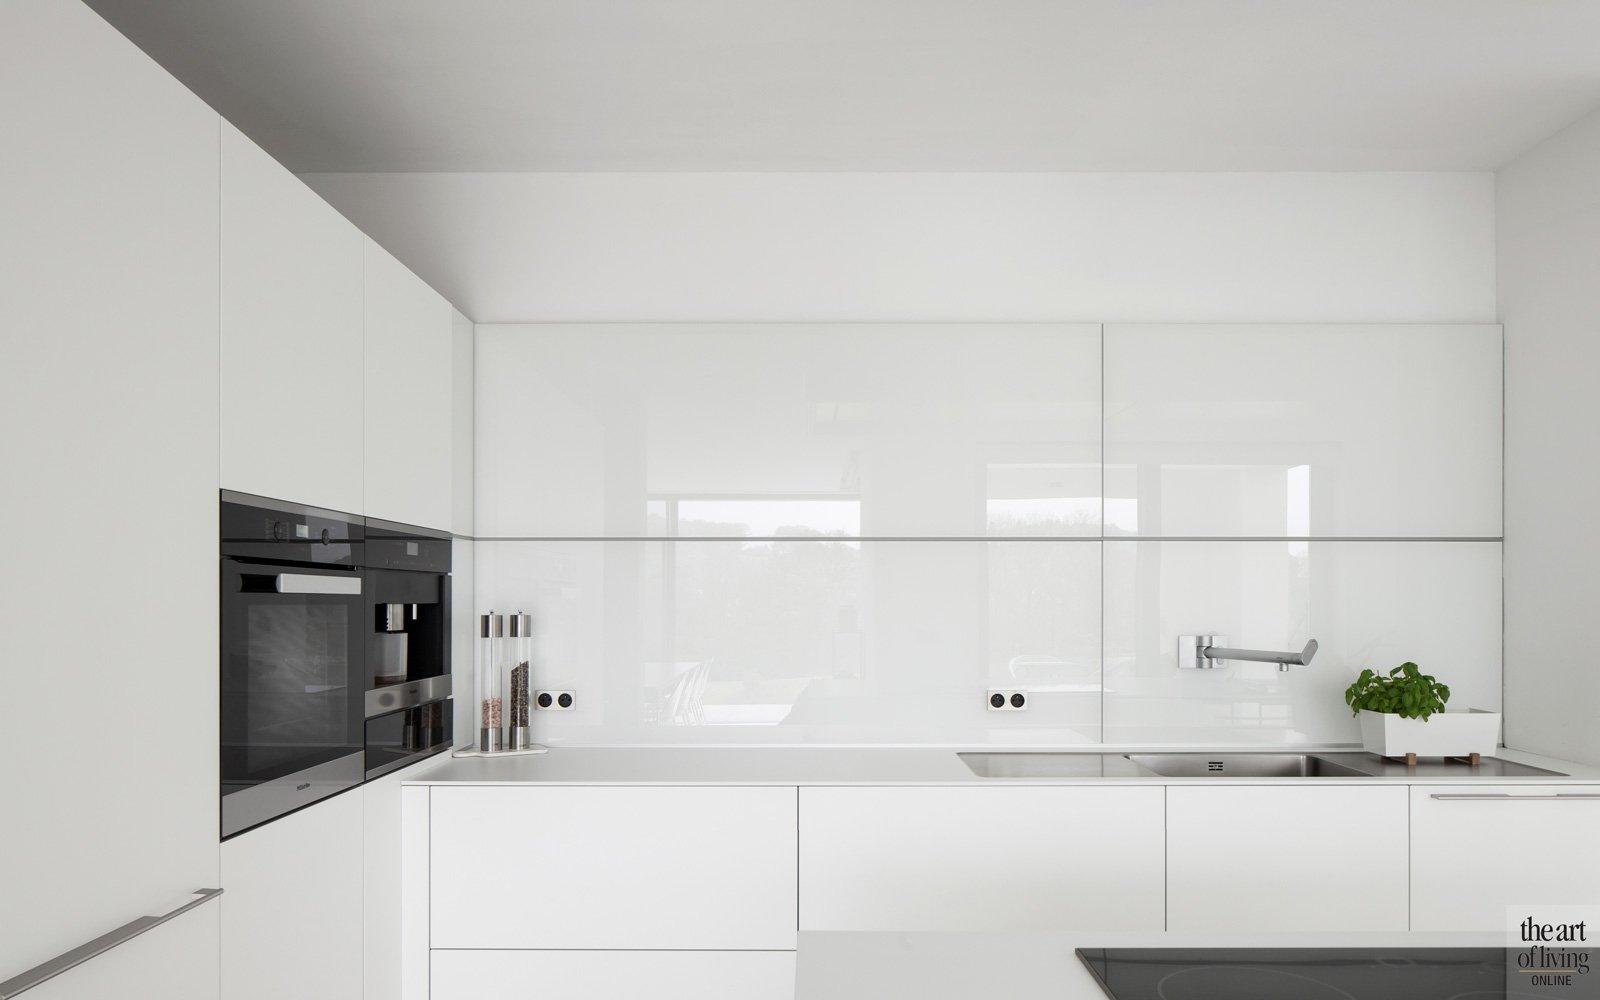 Strakke, witte keuken, Bulthaup